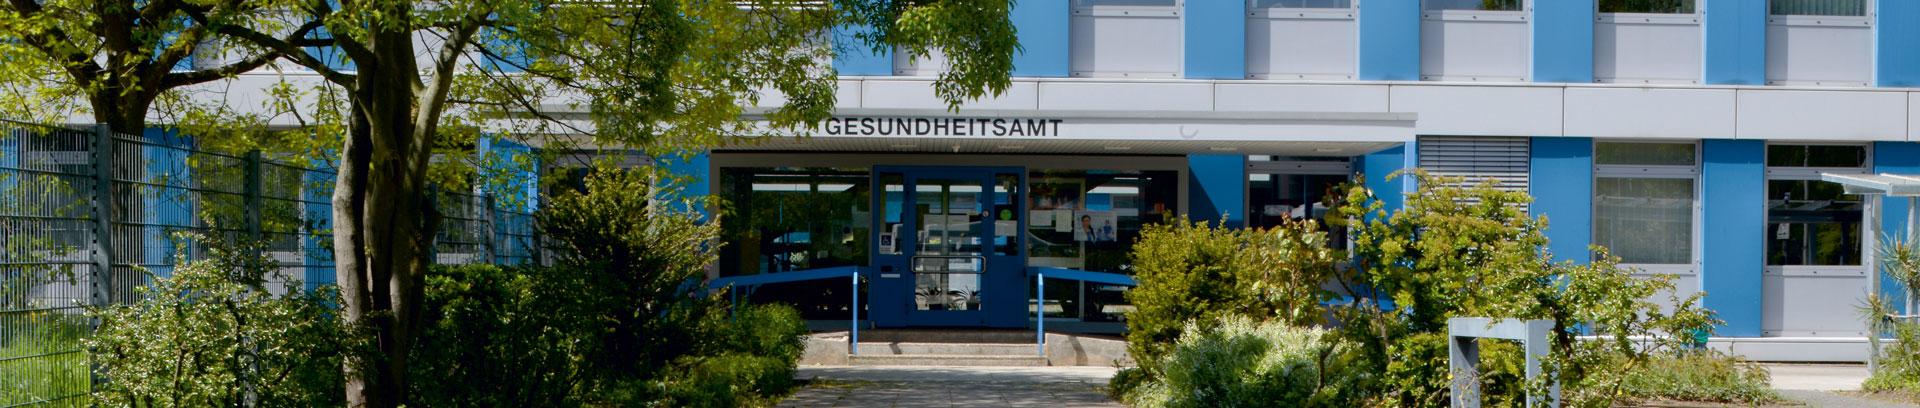 Gesundheitsamt Darmstadt Dieburg